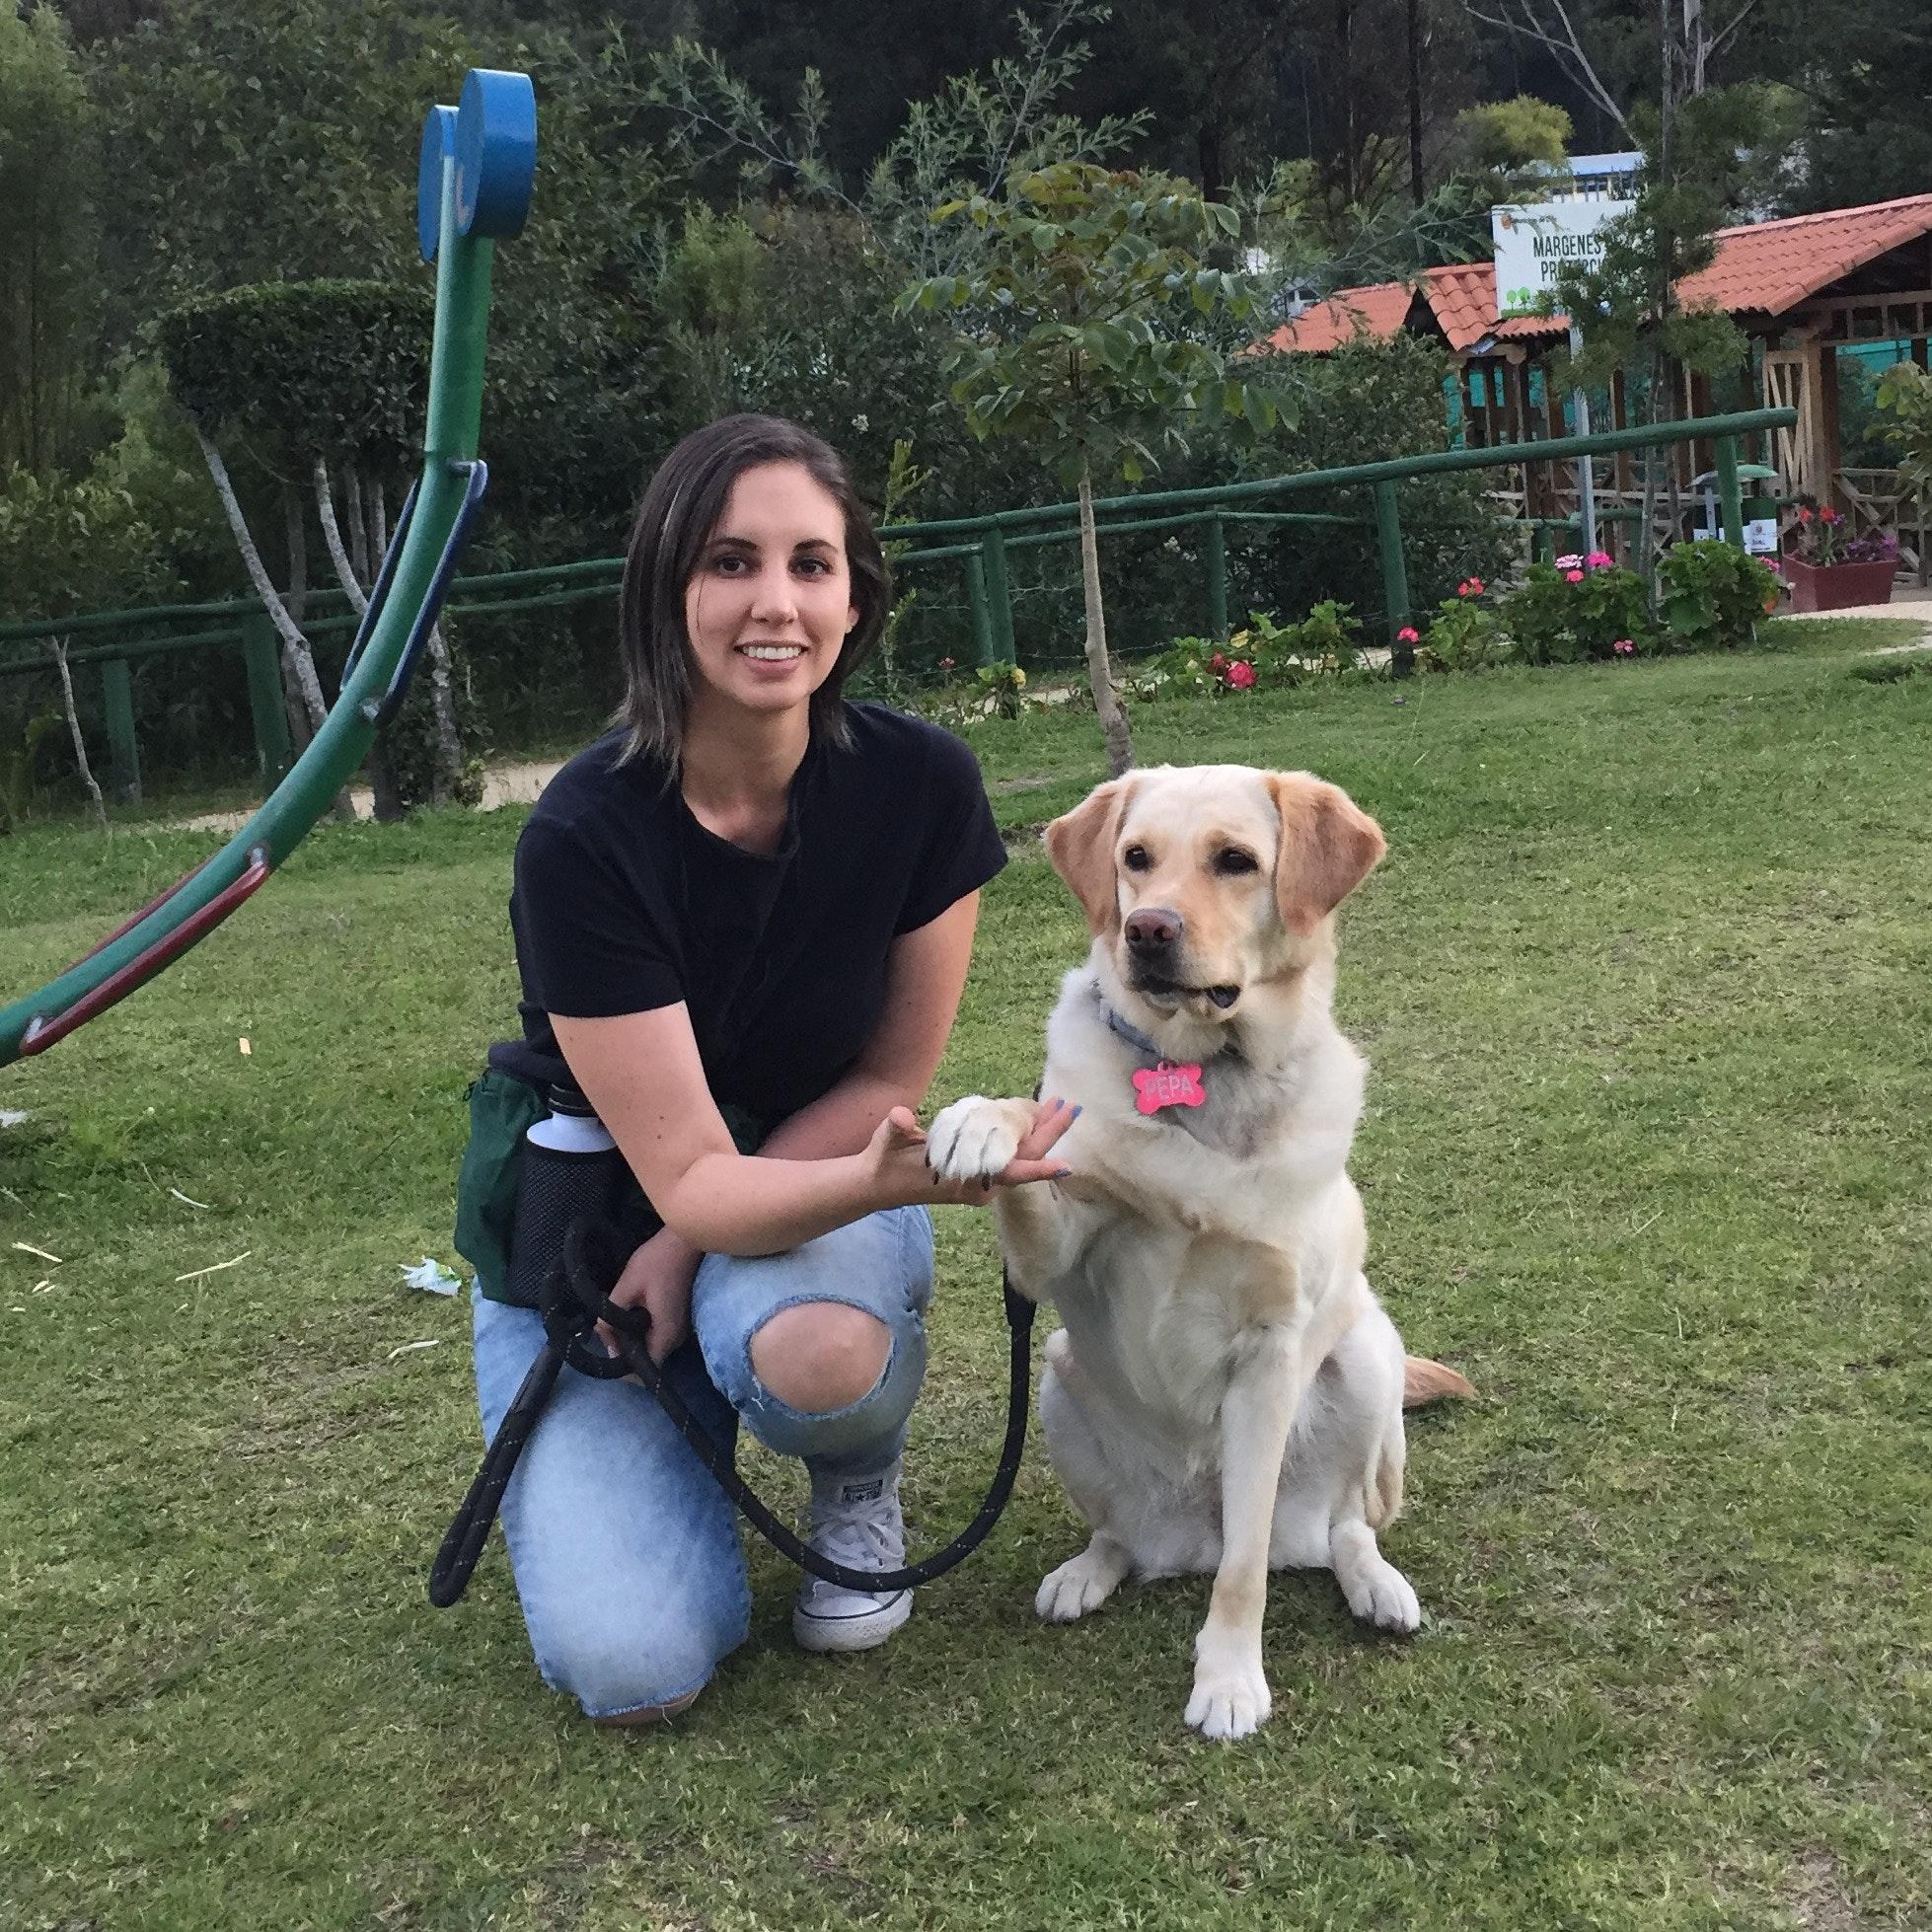 Andrea Carolina's dog boarding